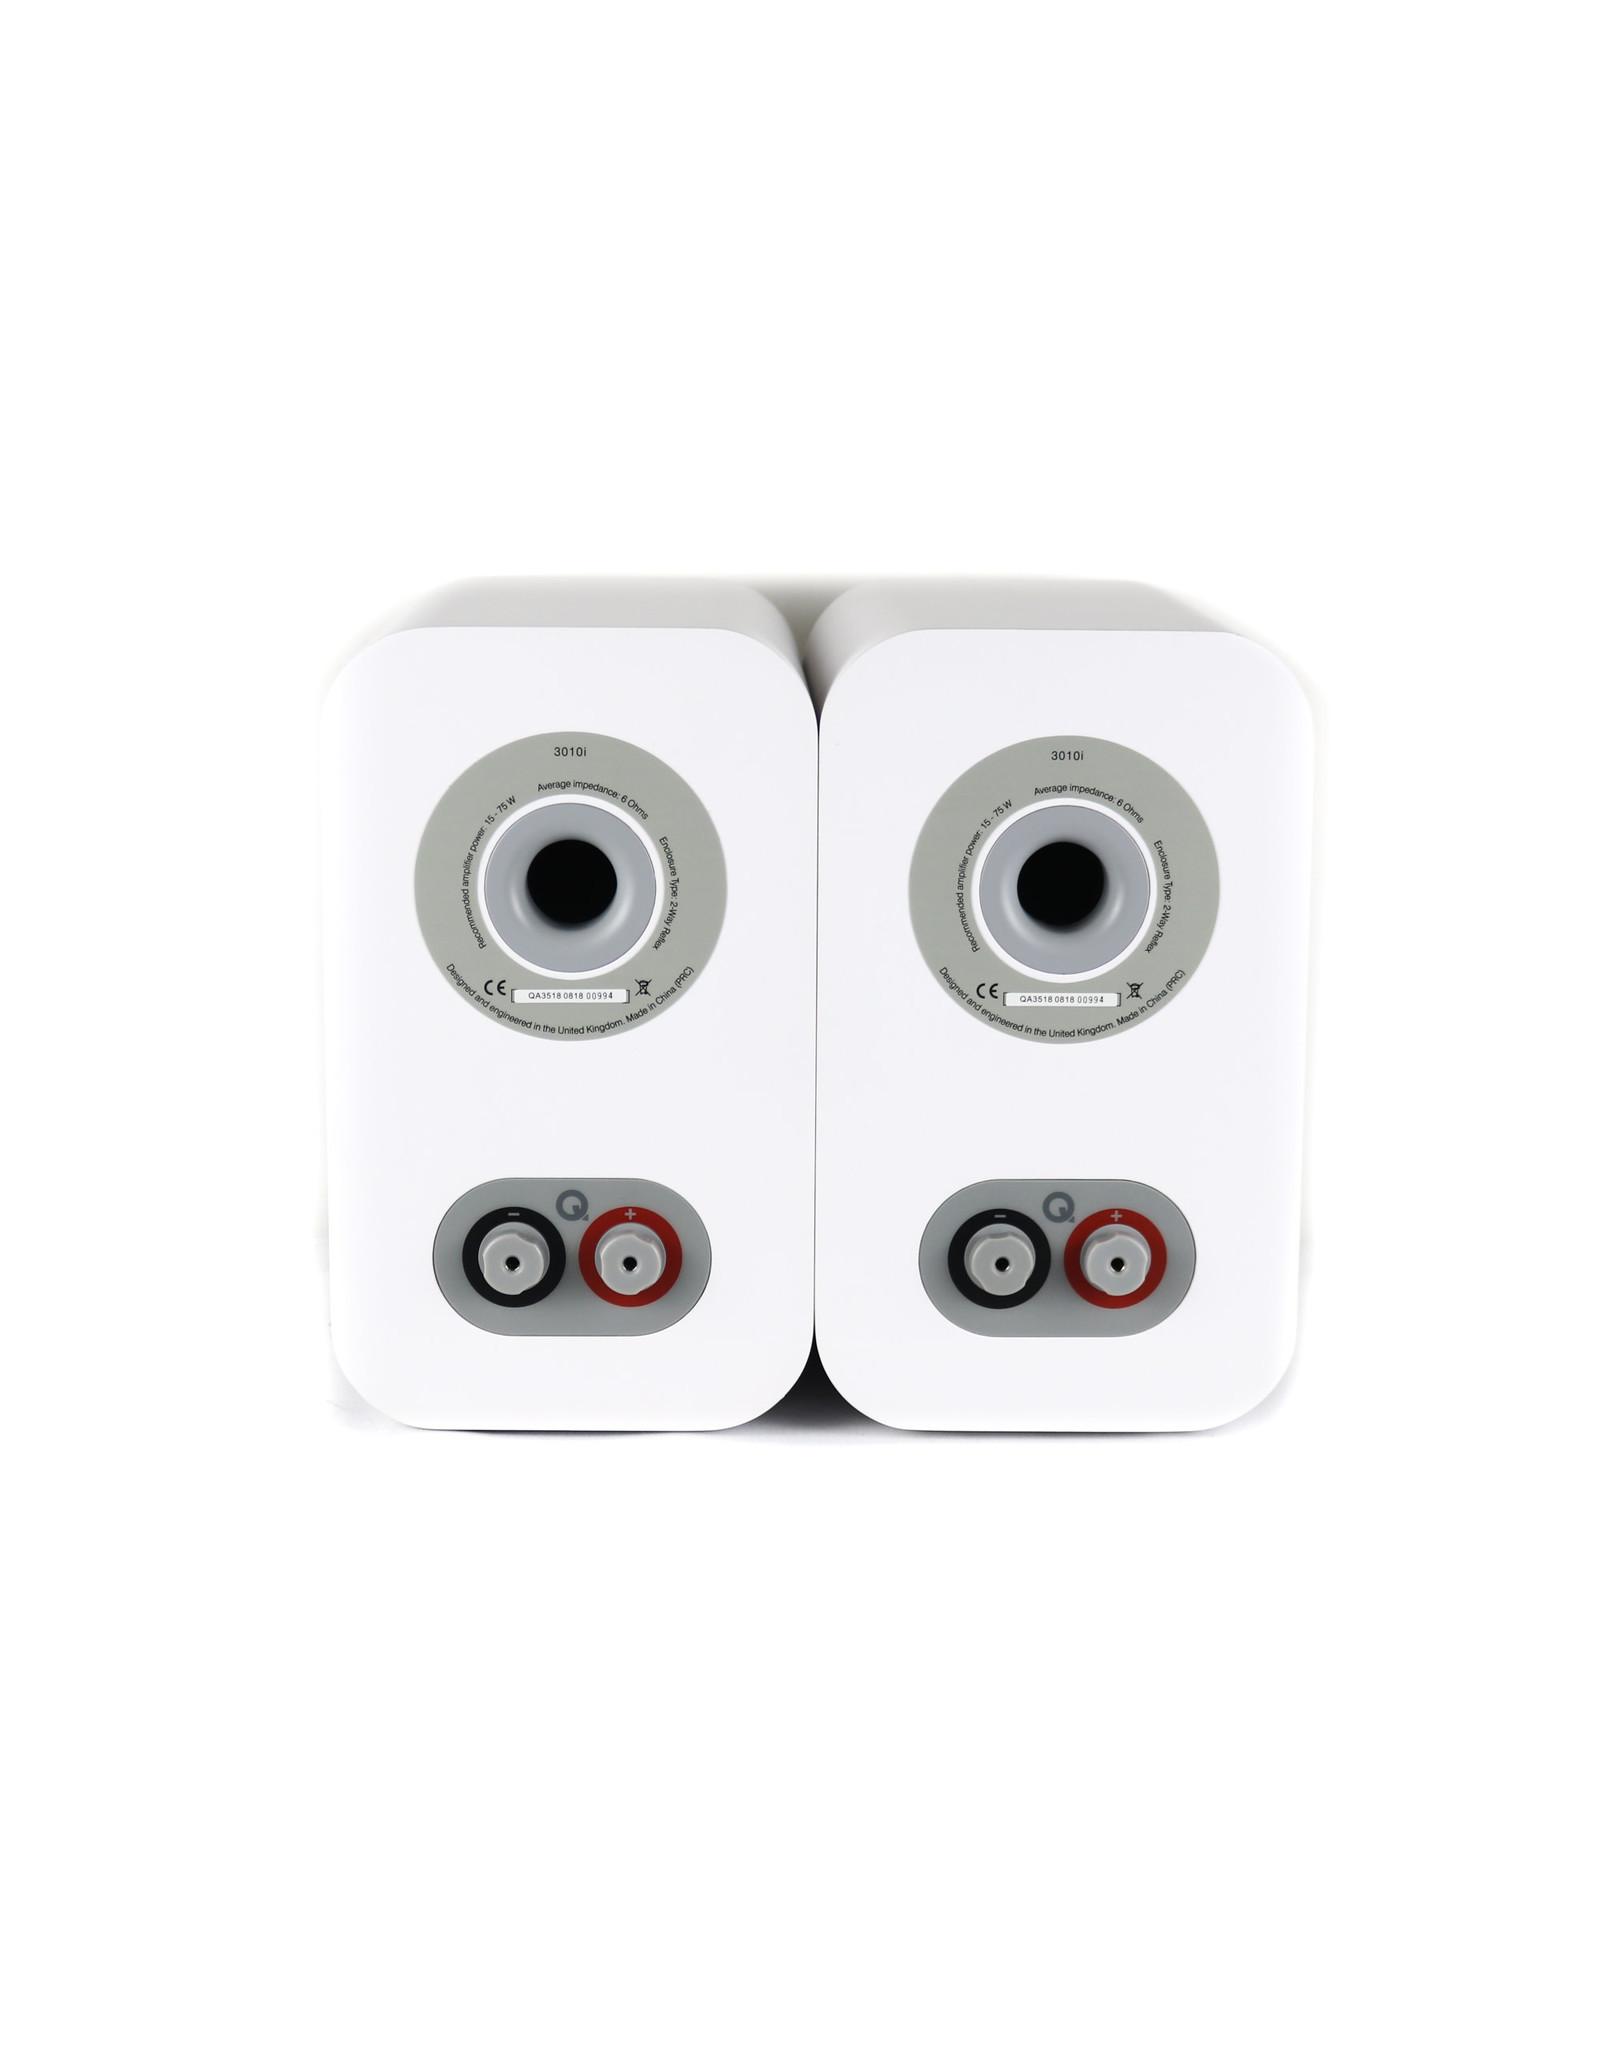 Q Acoustics Q Acoustics 3010i Bookshelf Speakers USED